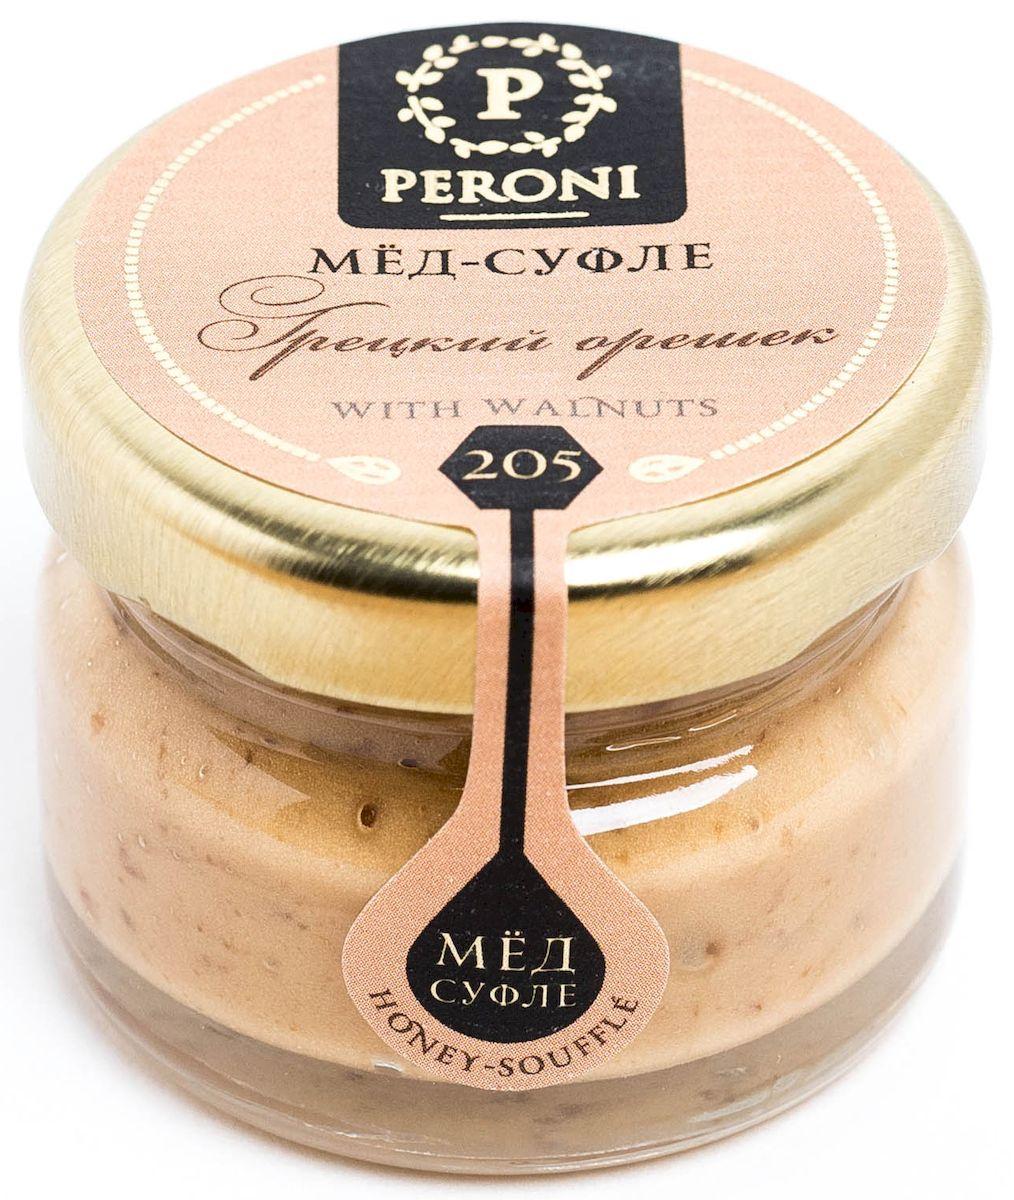 Peroni Грецкий орешек мёд-суфле, 30 г205-1Мед-суфле Peroni с грецким орешком - это настоящее удовольствие с большой буквы. Здесь есть всё - тонкая сладость и аромат гречишного меда, обволакивающая горчинка грецких орехов и карамельная нежность суфле. Именно это сочетание является одной из самых любовных смесей - повышает потенцию, очень полезно как для женщин, так и для мужчин. Рекомендуется употреблять в день не более 50 грамм.Для получения меда-суфле используются специальные технологии. Мёд долго вымешивается при определенной скорости, после чего его выдерживают при температуре 12-14 градусов по Цельсию, тем самым закрепляя его нужную консистенцию. Все полезные свойства меда при этом сохраняются.Внимание, уважаемые клиенты! Будьте аккуратны, так как в продукте может встречаться скорлупа от грецких орехов.